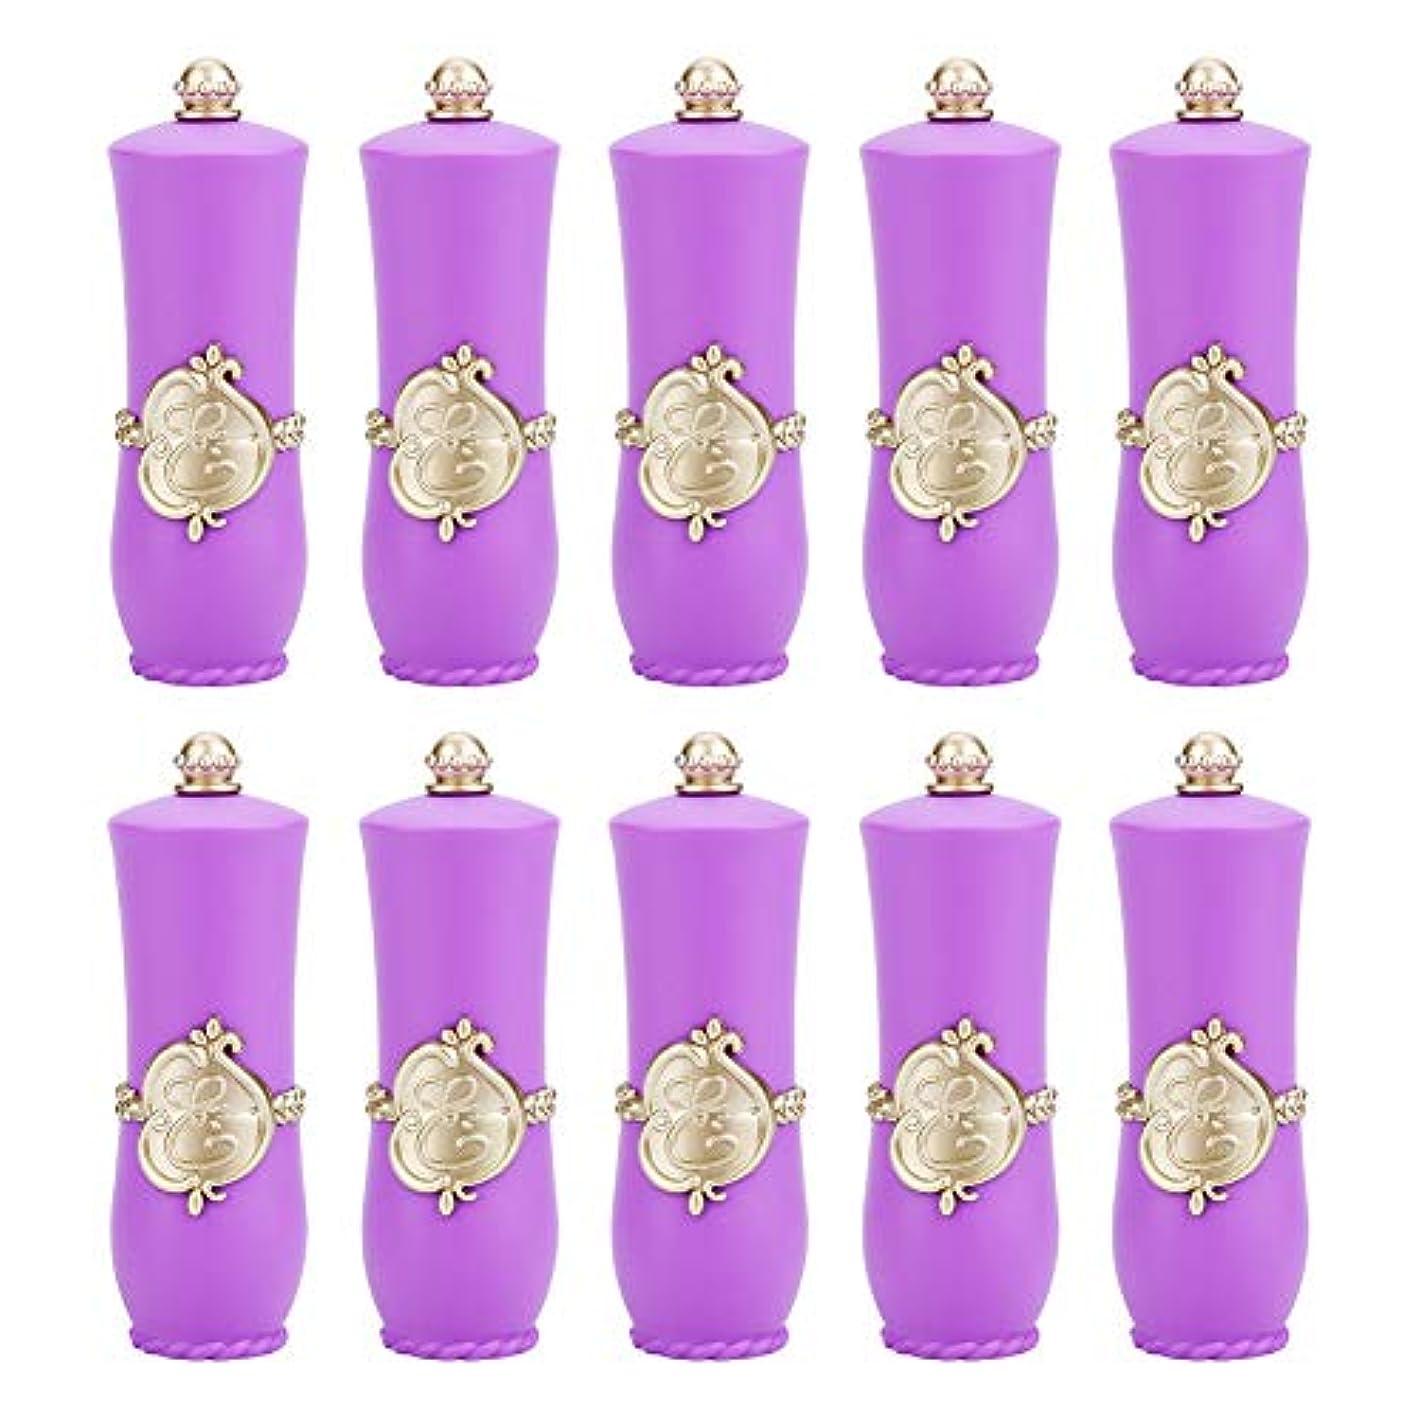 砂利特徴抽出空の口紅チューブ、ロイヤルスタイルDIY口紅空容器自作口紅型リップクリームチューブ(Purple 10Pcs)